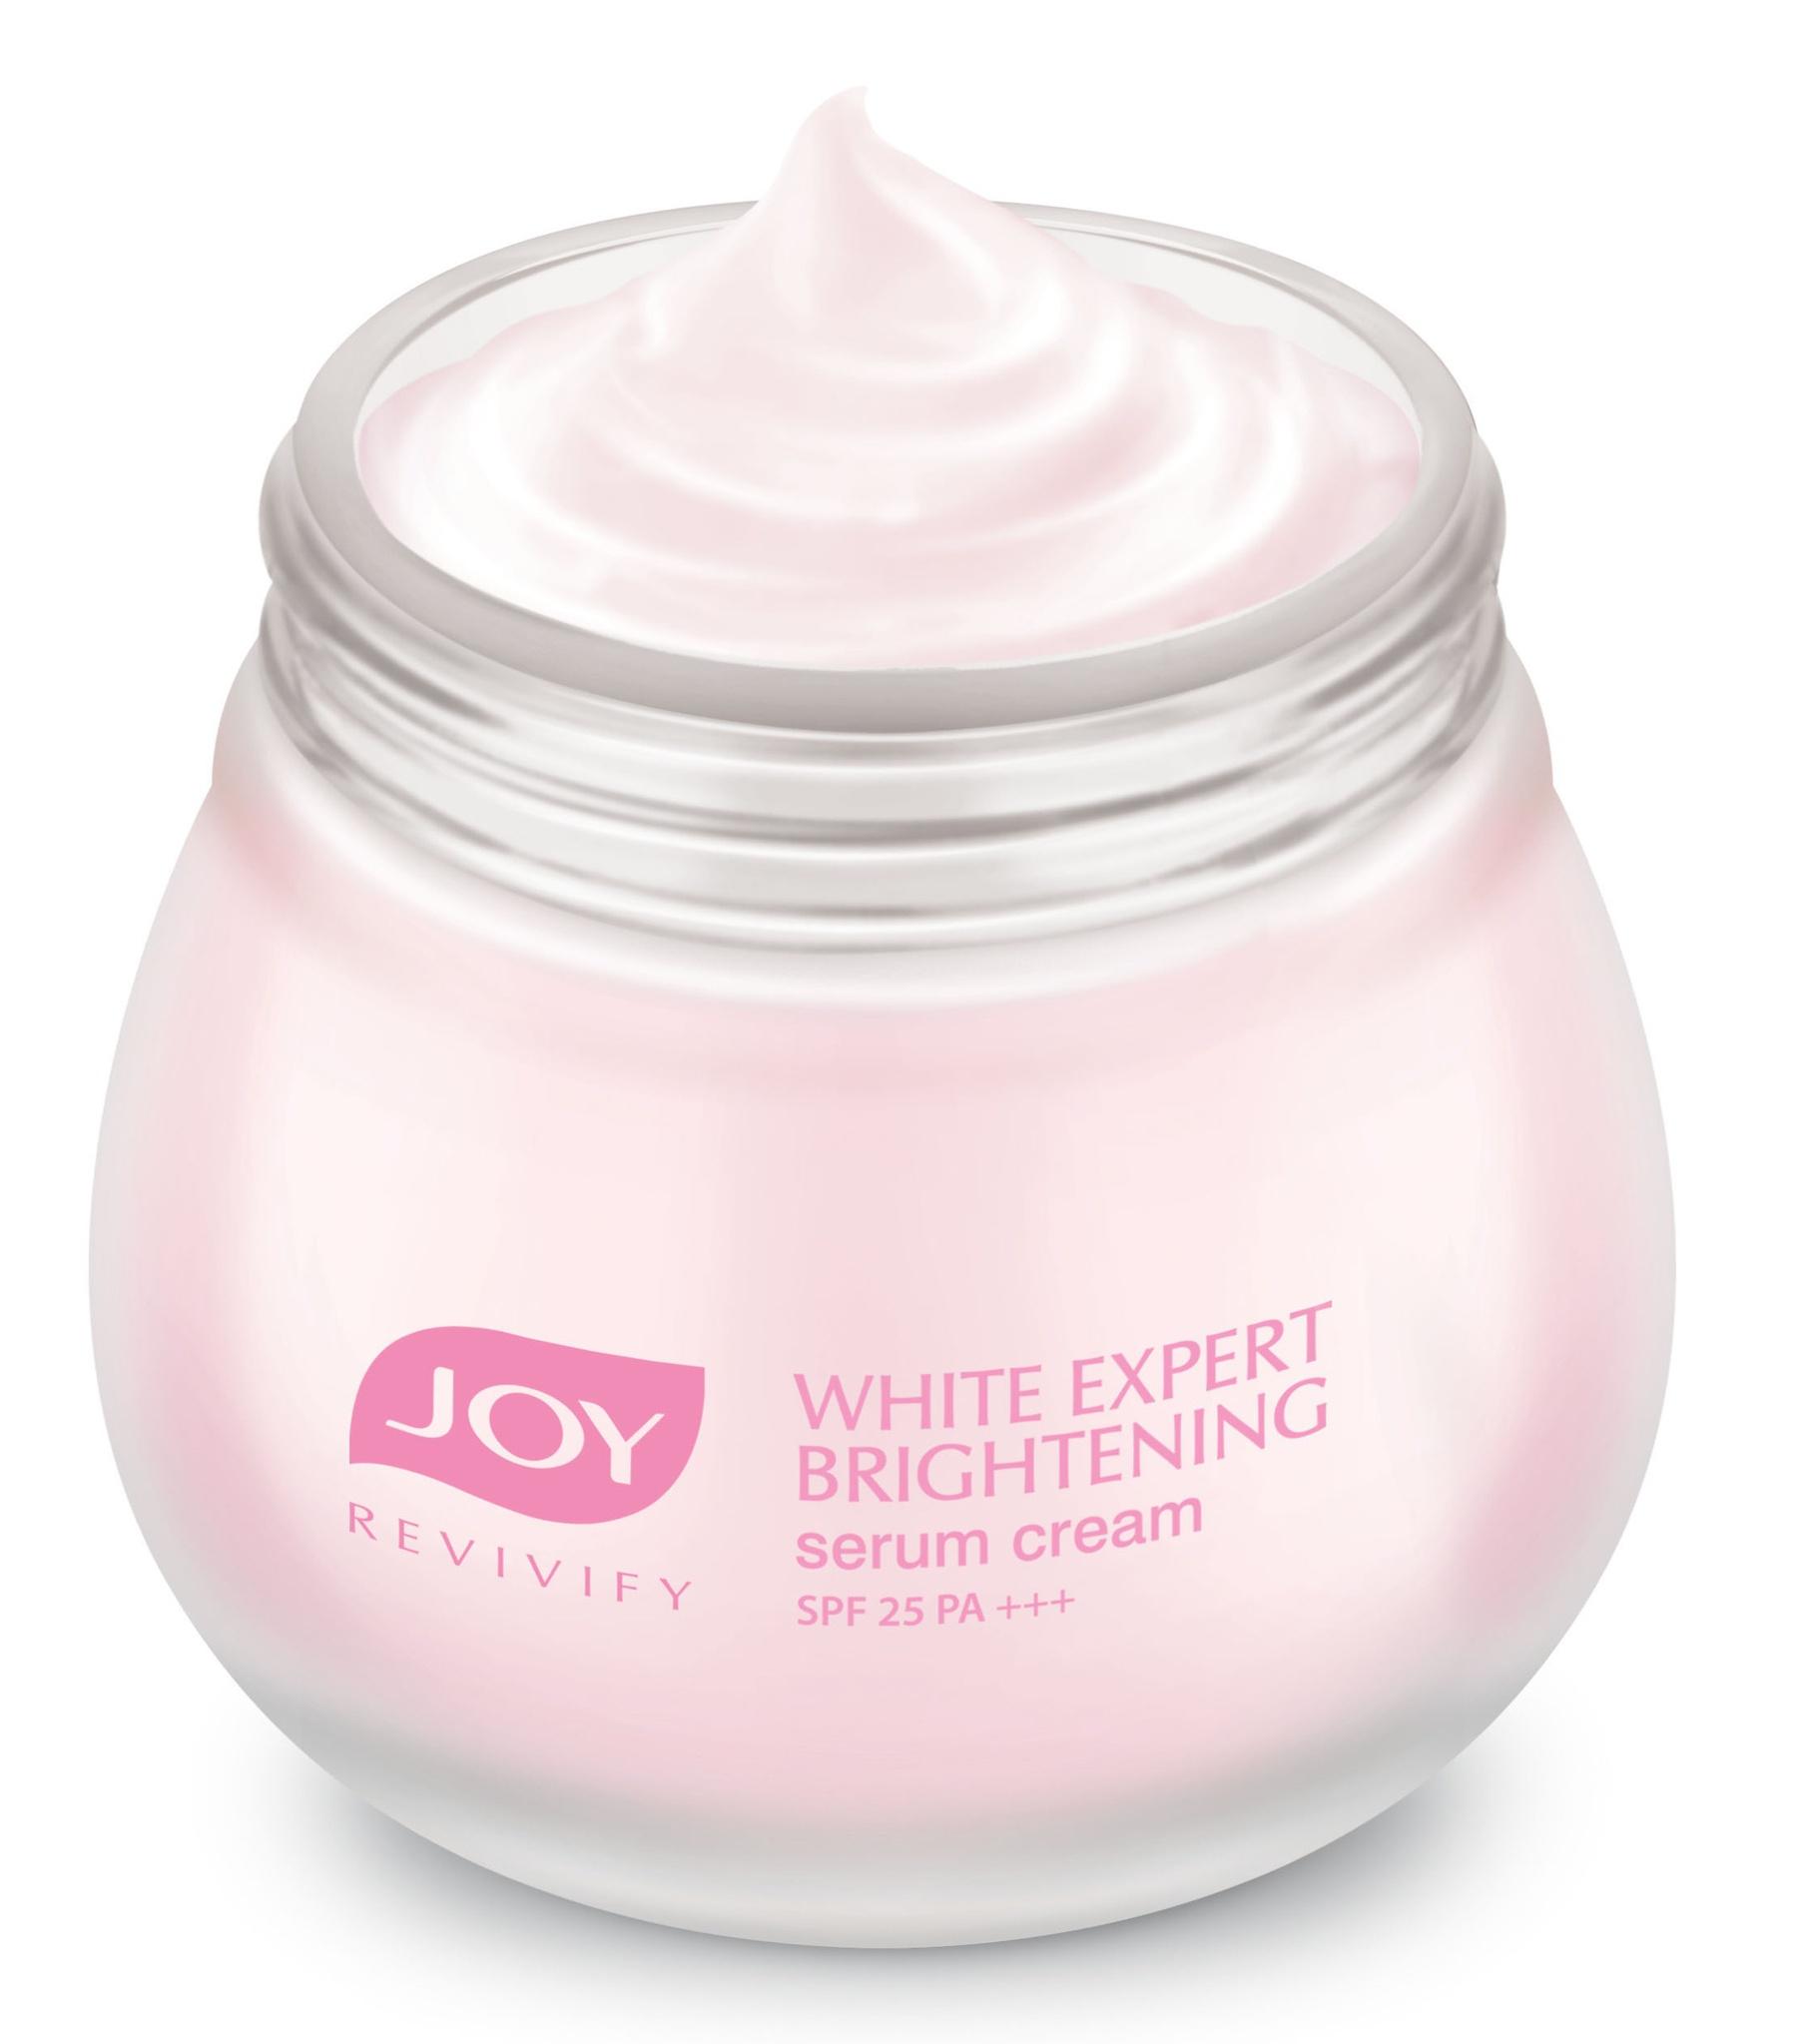 Joy Revivify White Expert Brightening Serum Cream